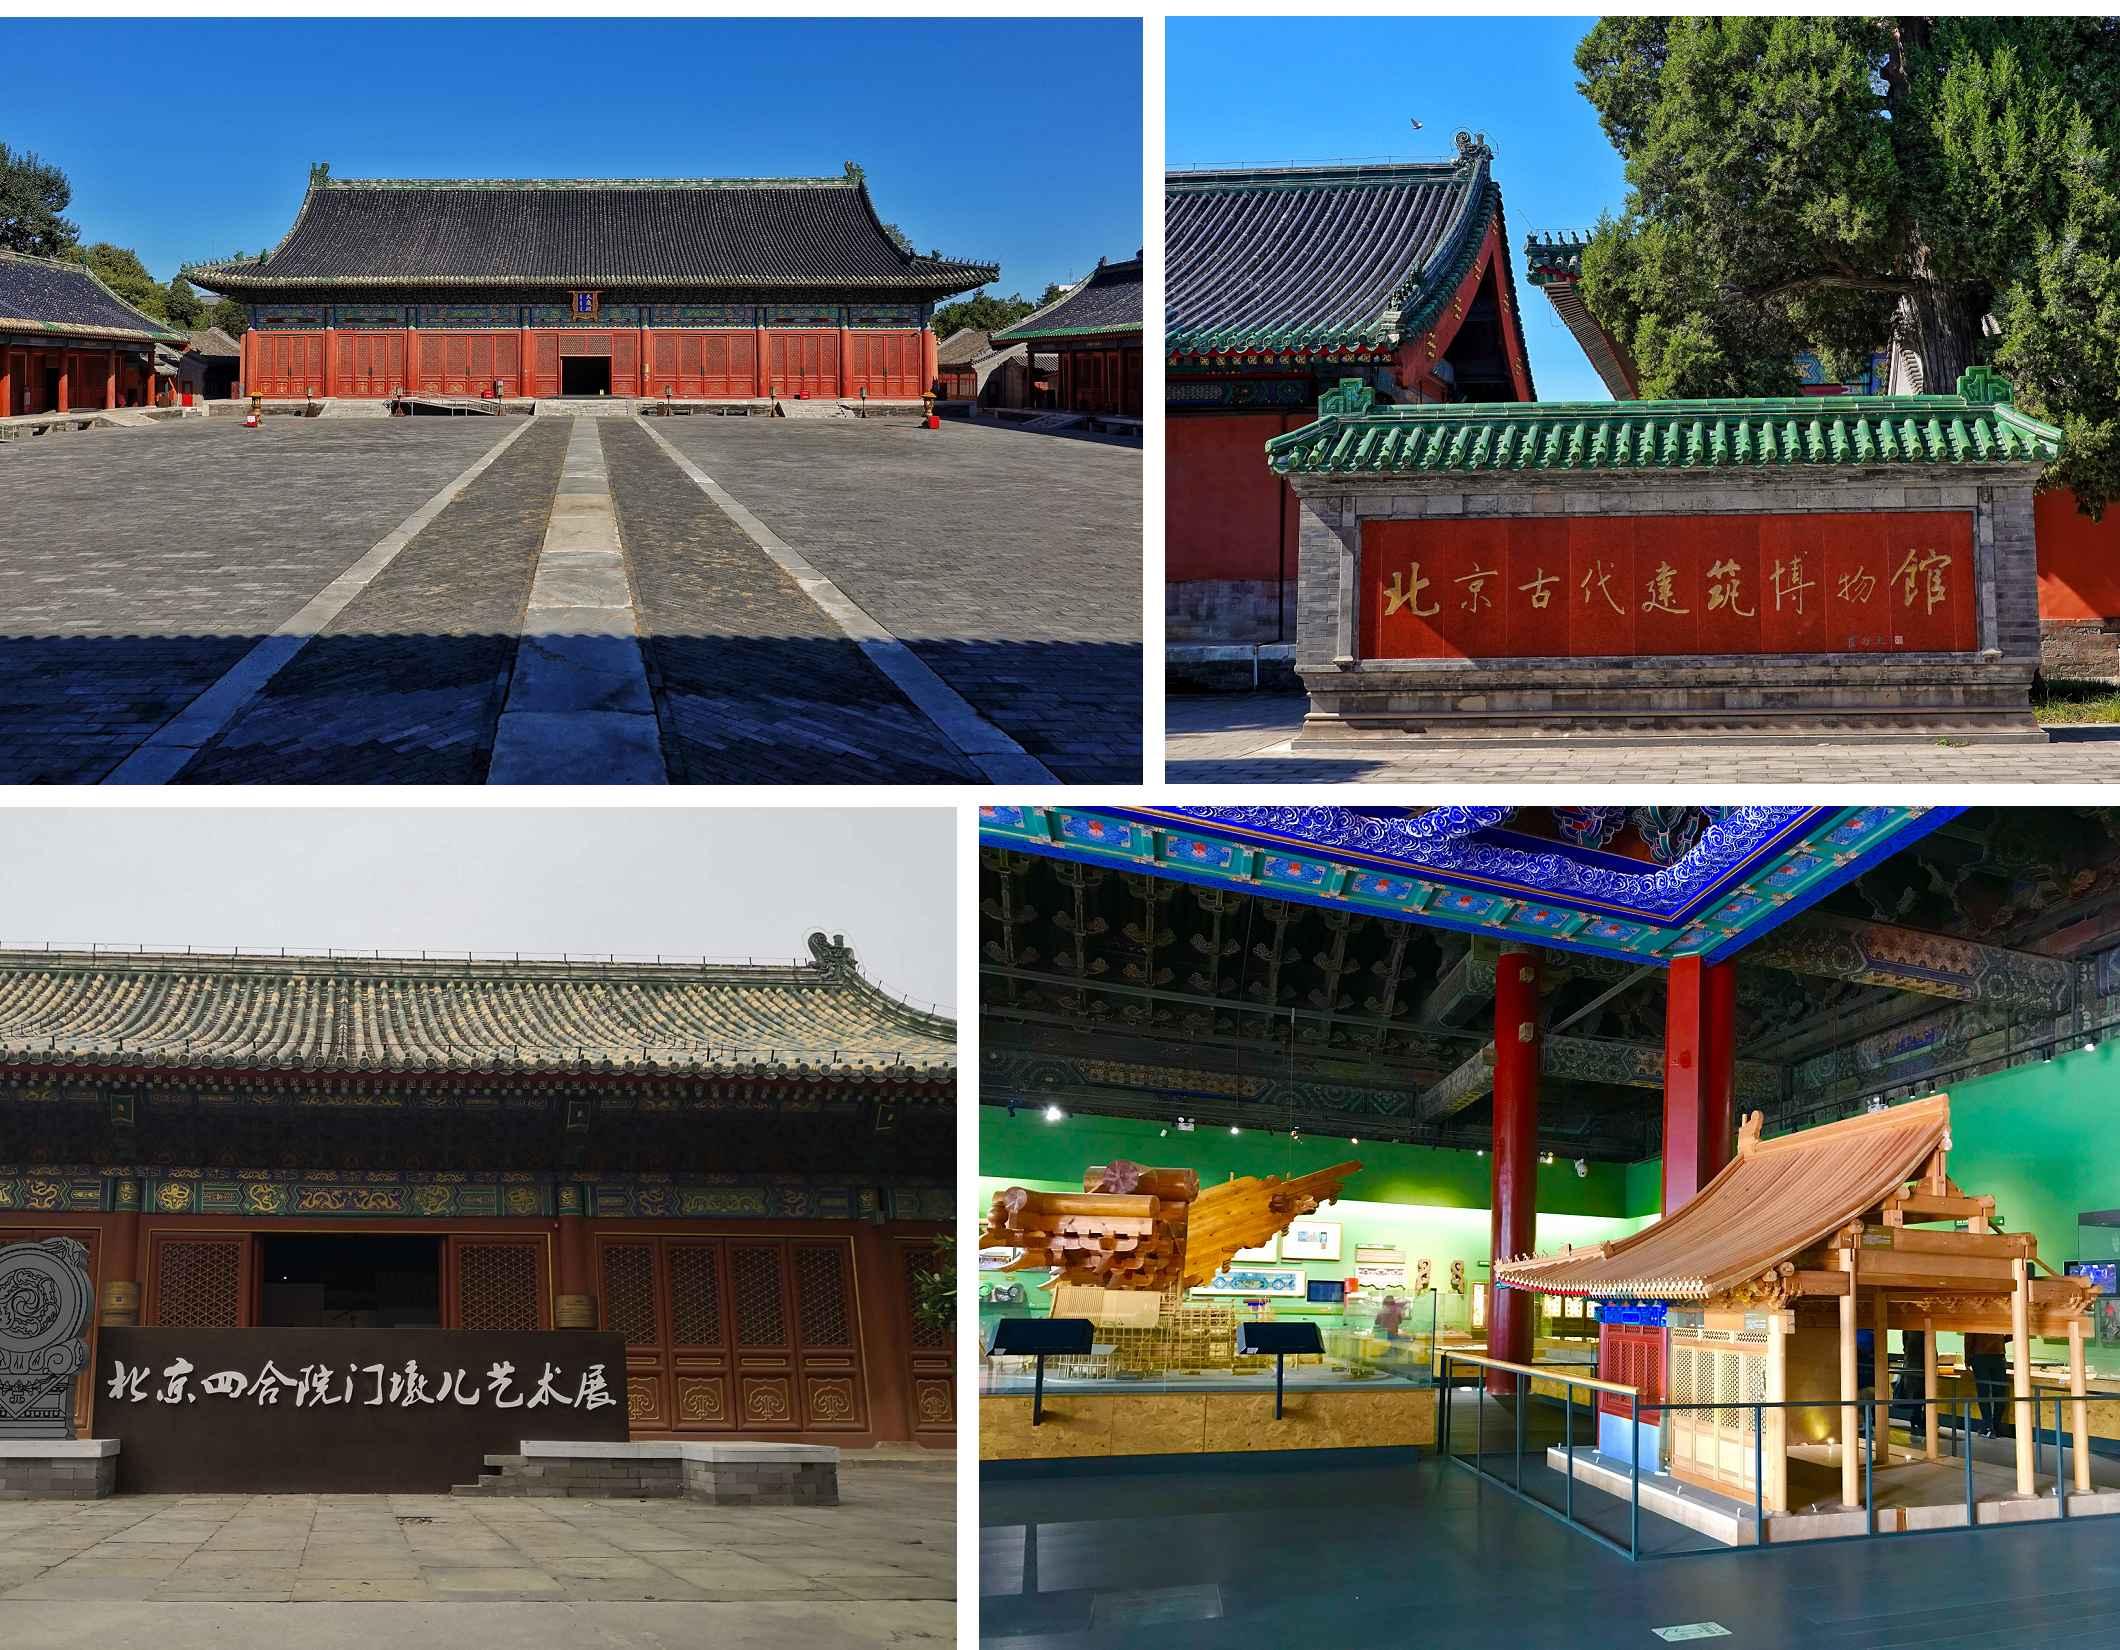 修繕、再利用的古蹟保護方式,包括作為歷史景觀重現的場域。左上為太歲殿院落內,從內殿看向太歲殿主殿。右下為太歲殿內的中國古建展廳.。左下為具服殿。